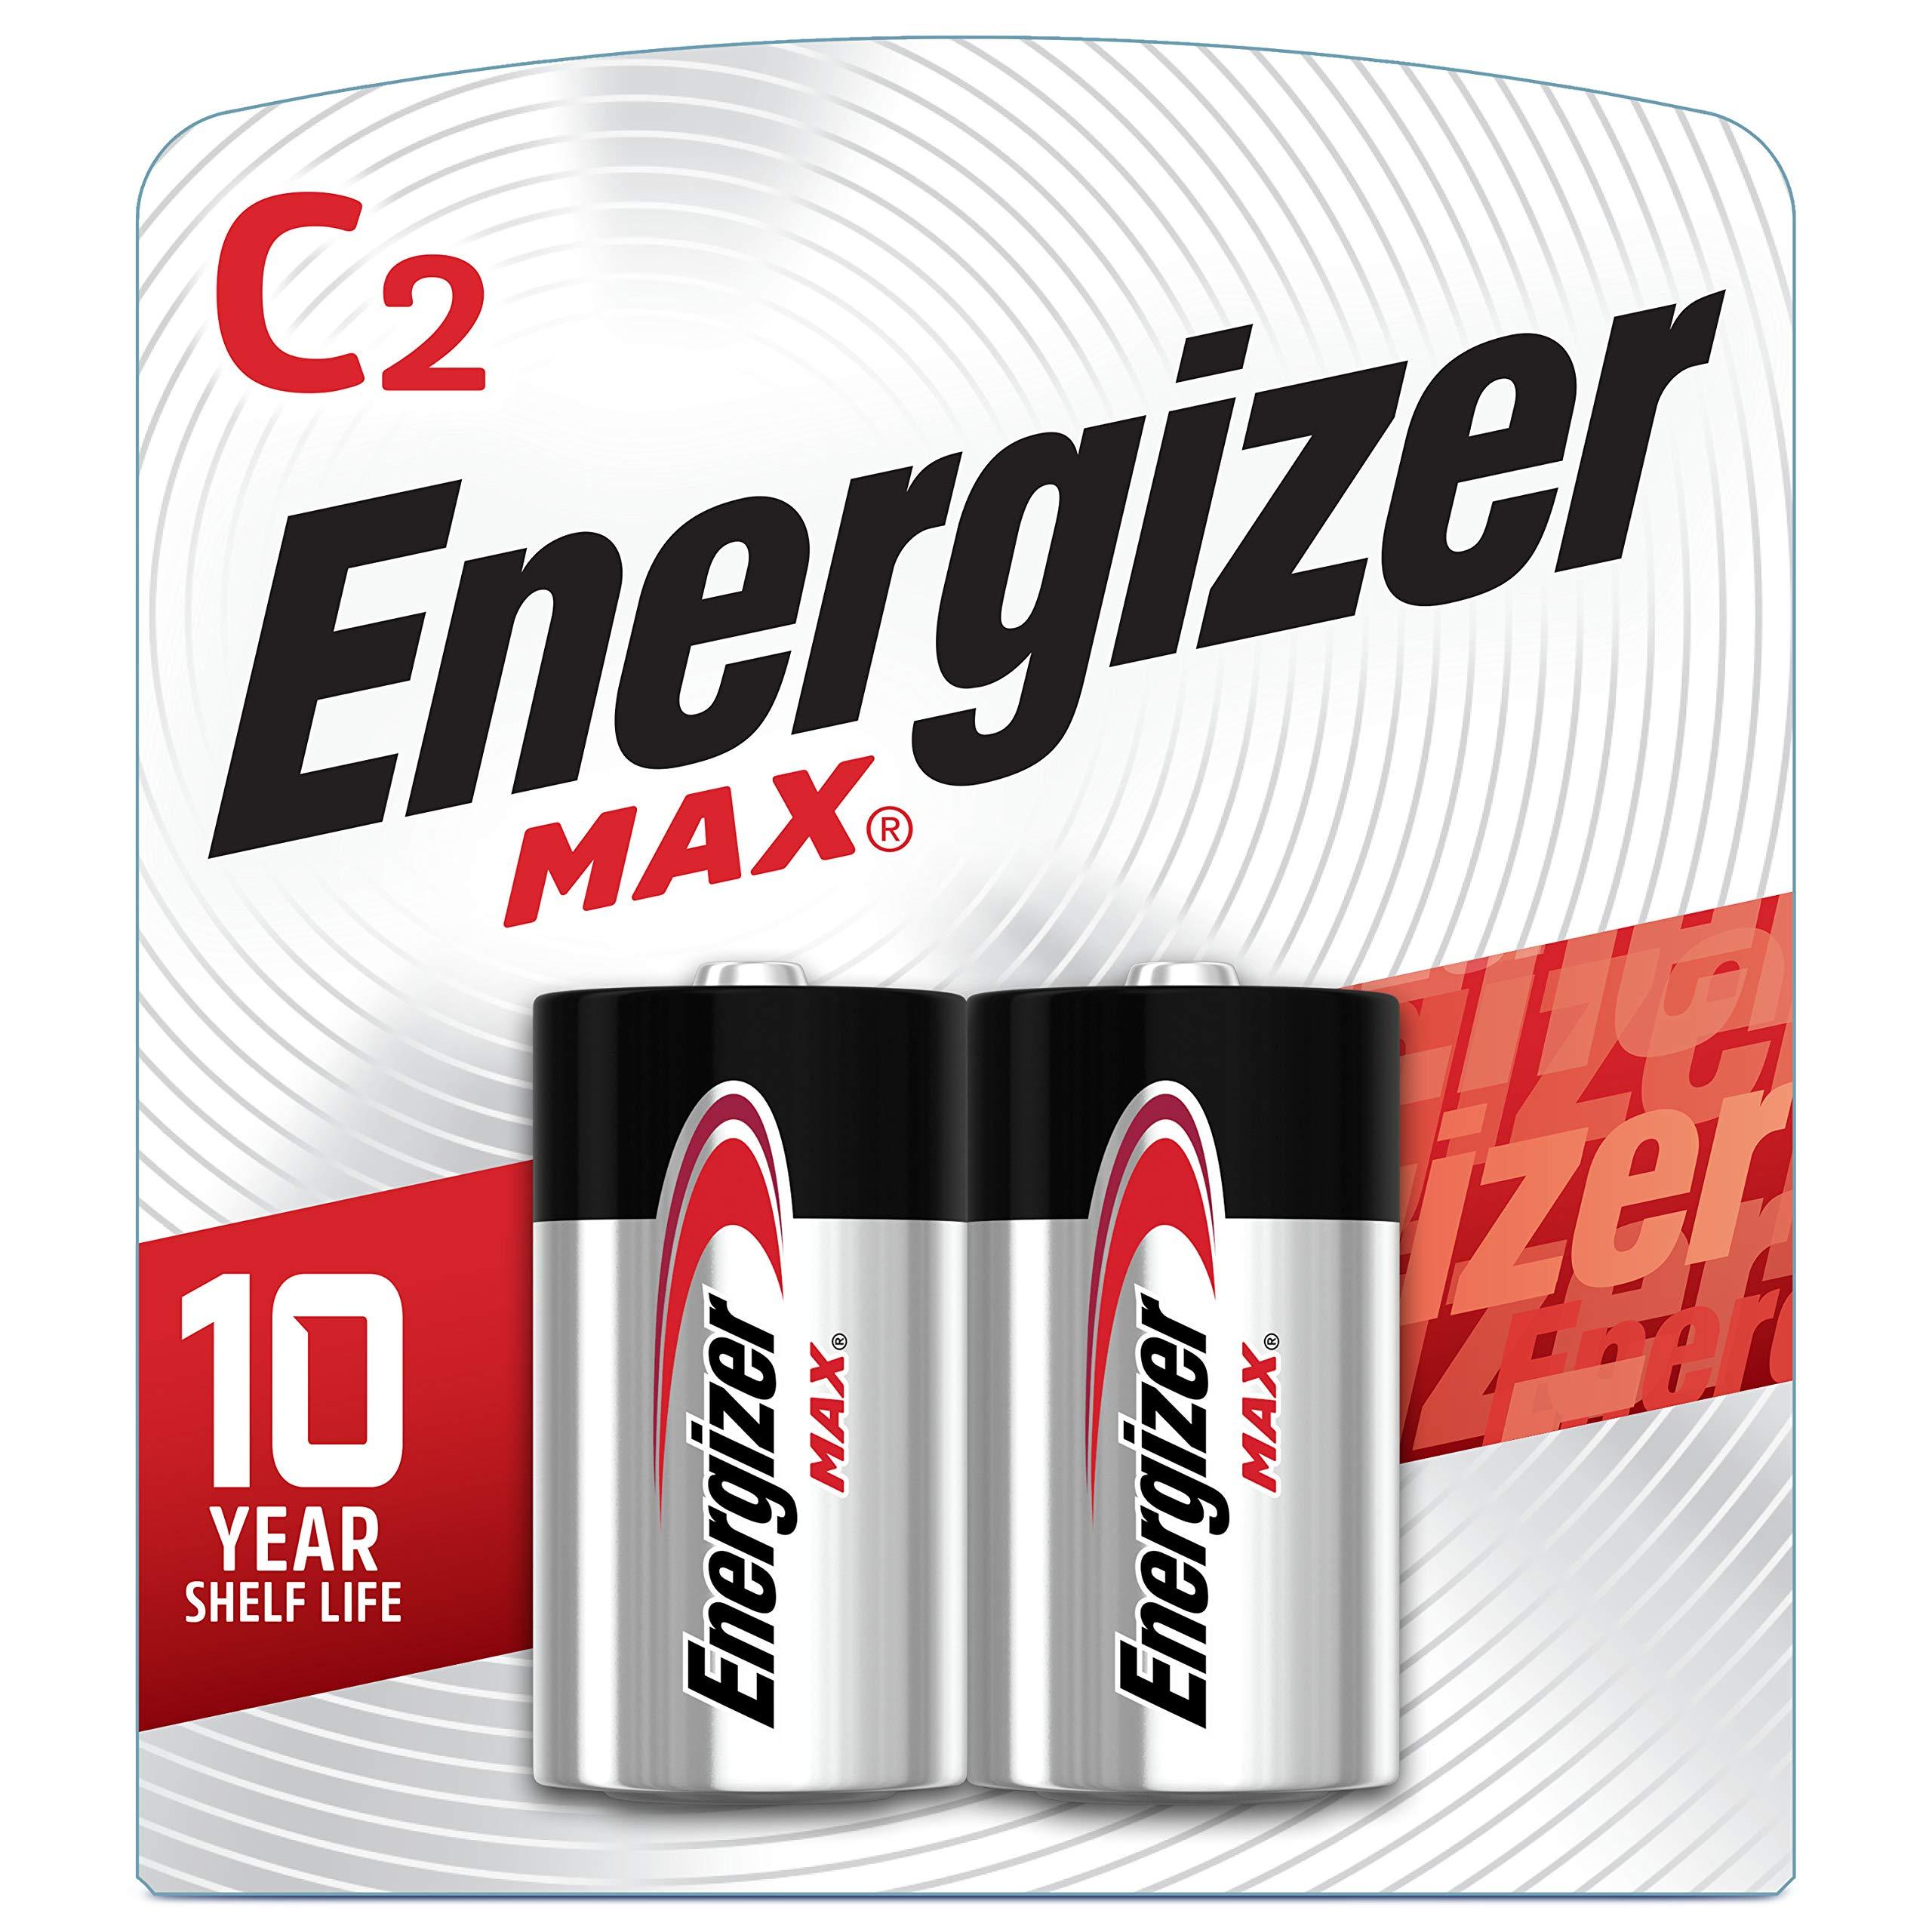 Energizer Max C Batteries, Premium Alkaline C Cell Batteries (2 Battery Count)